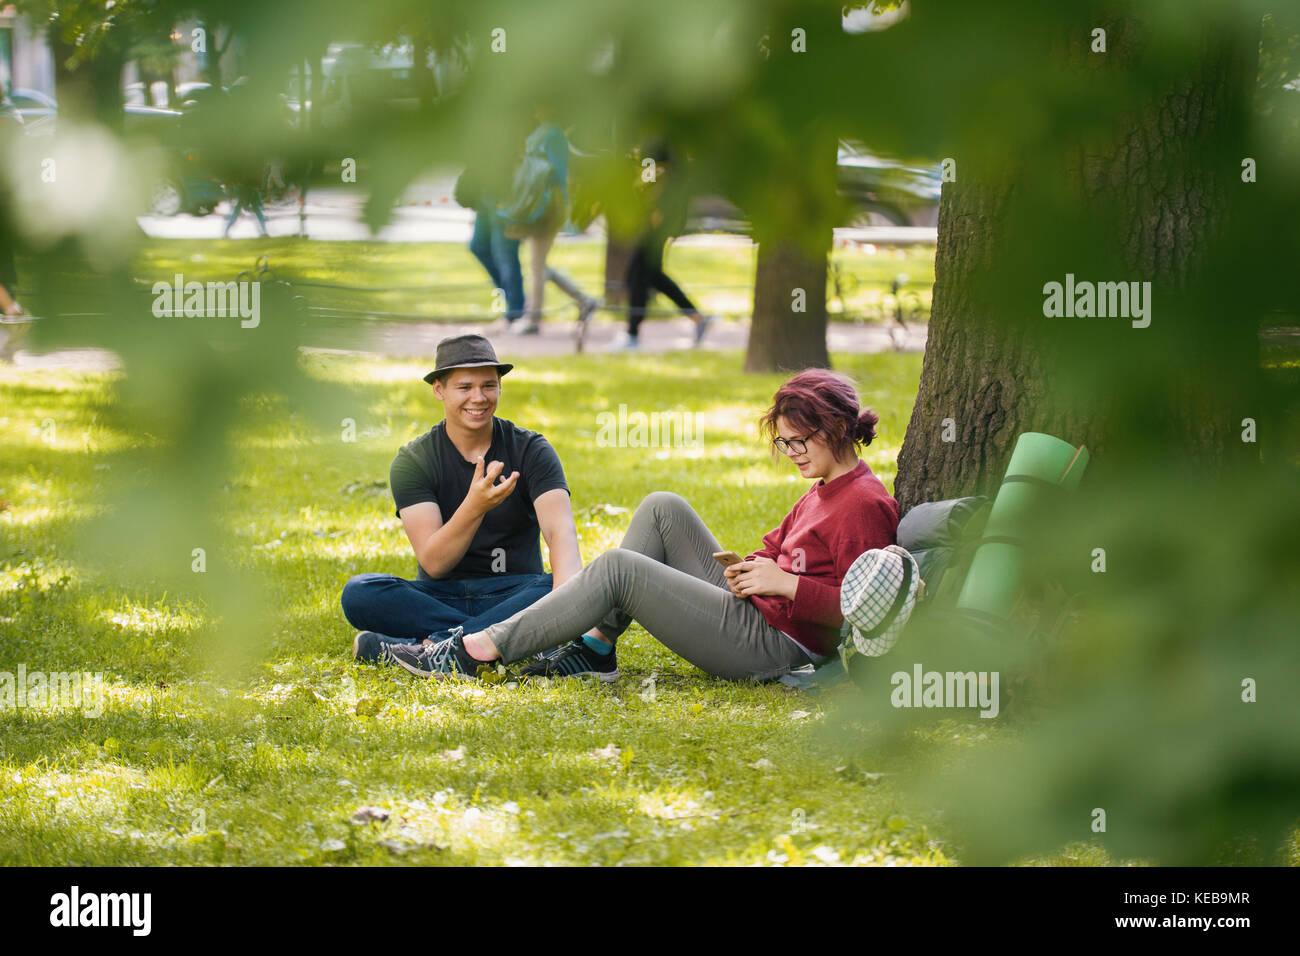 Giovane uomo e donna turisti con zaini hanno riposo nel parco Immagini Stock